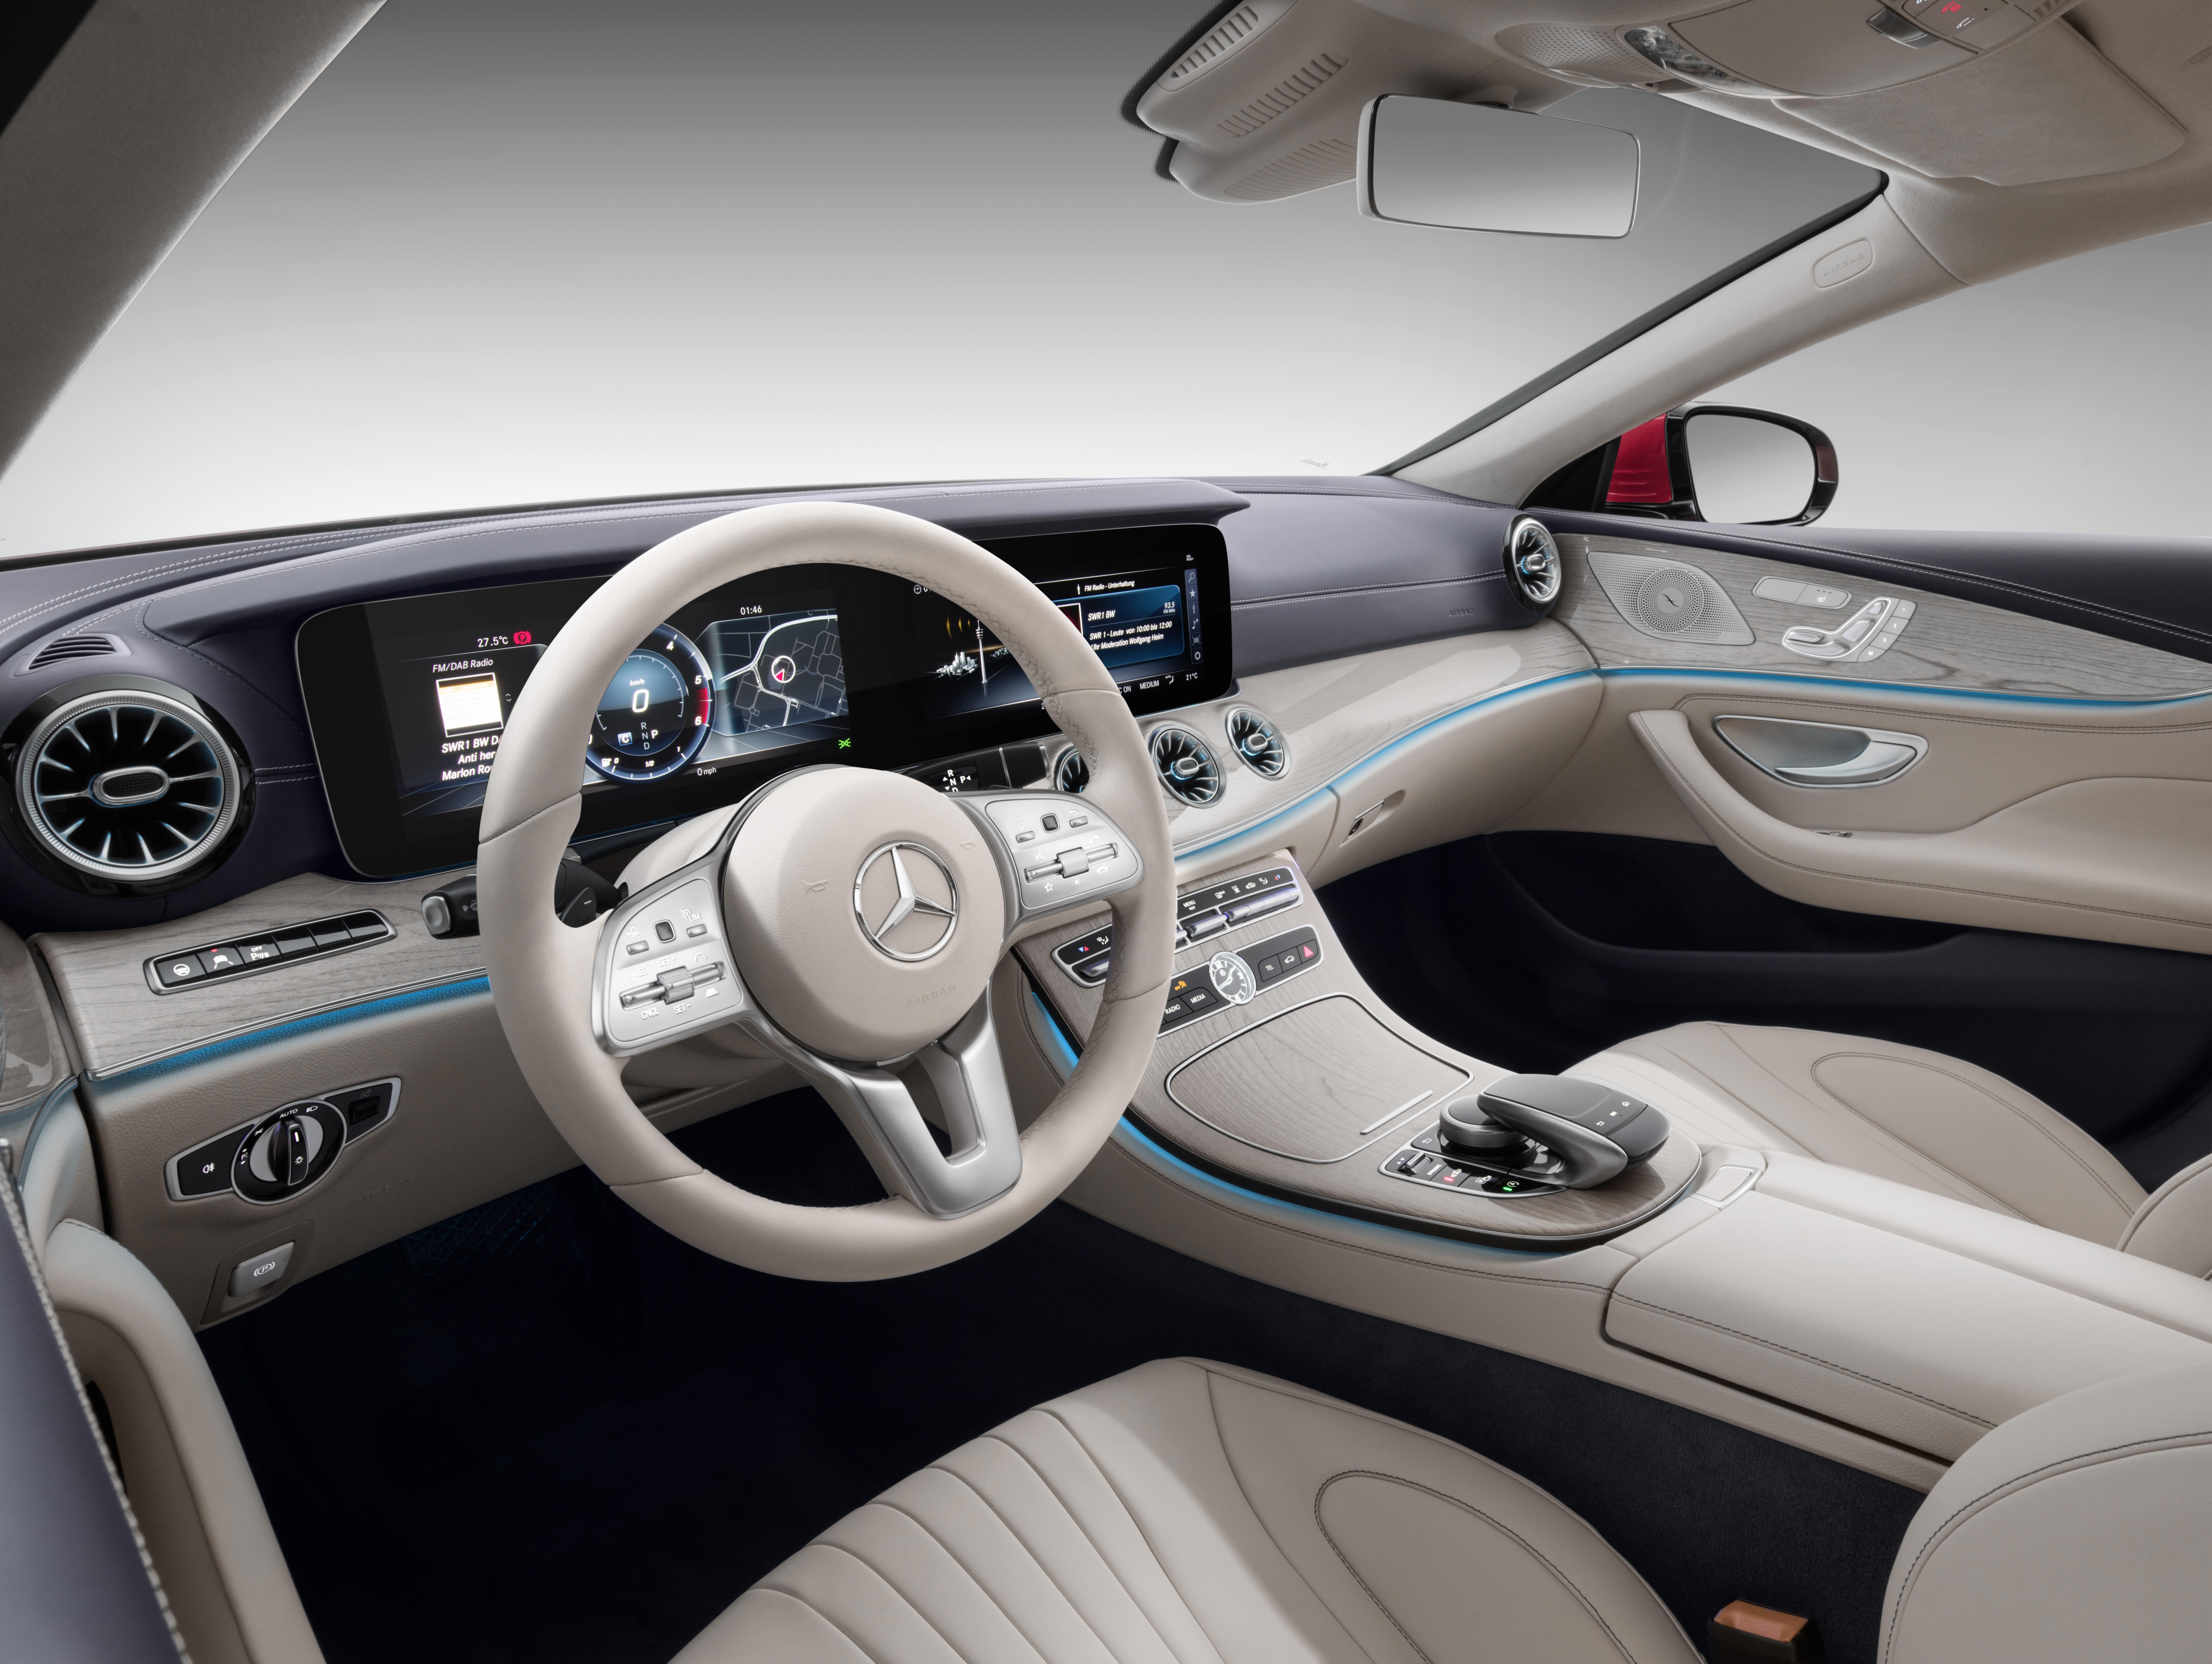 https://www.allesauto.at/wp-content/uploads/2017/12/Der-neue-Mercedes-Benz-CLS-Das-Original-in-dritter-Generation-3.jpg